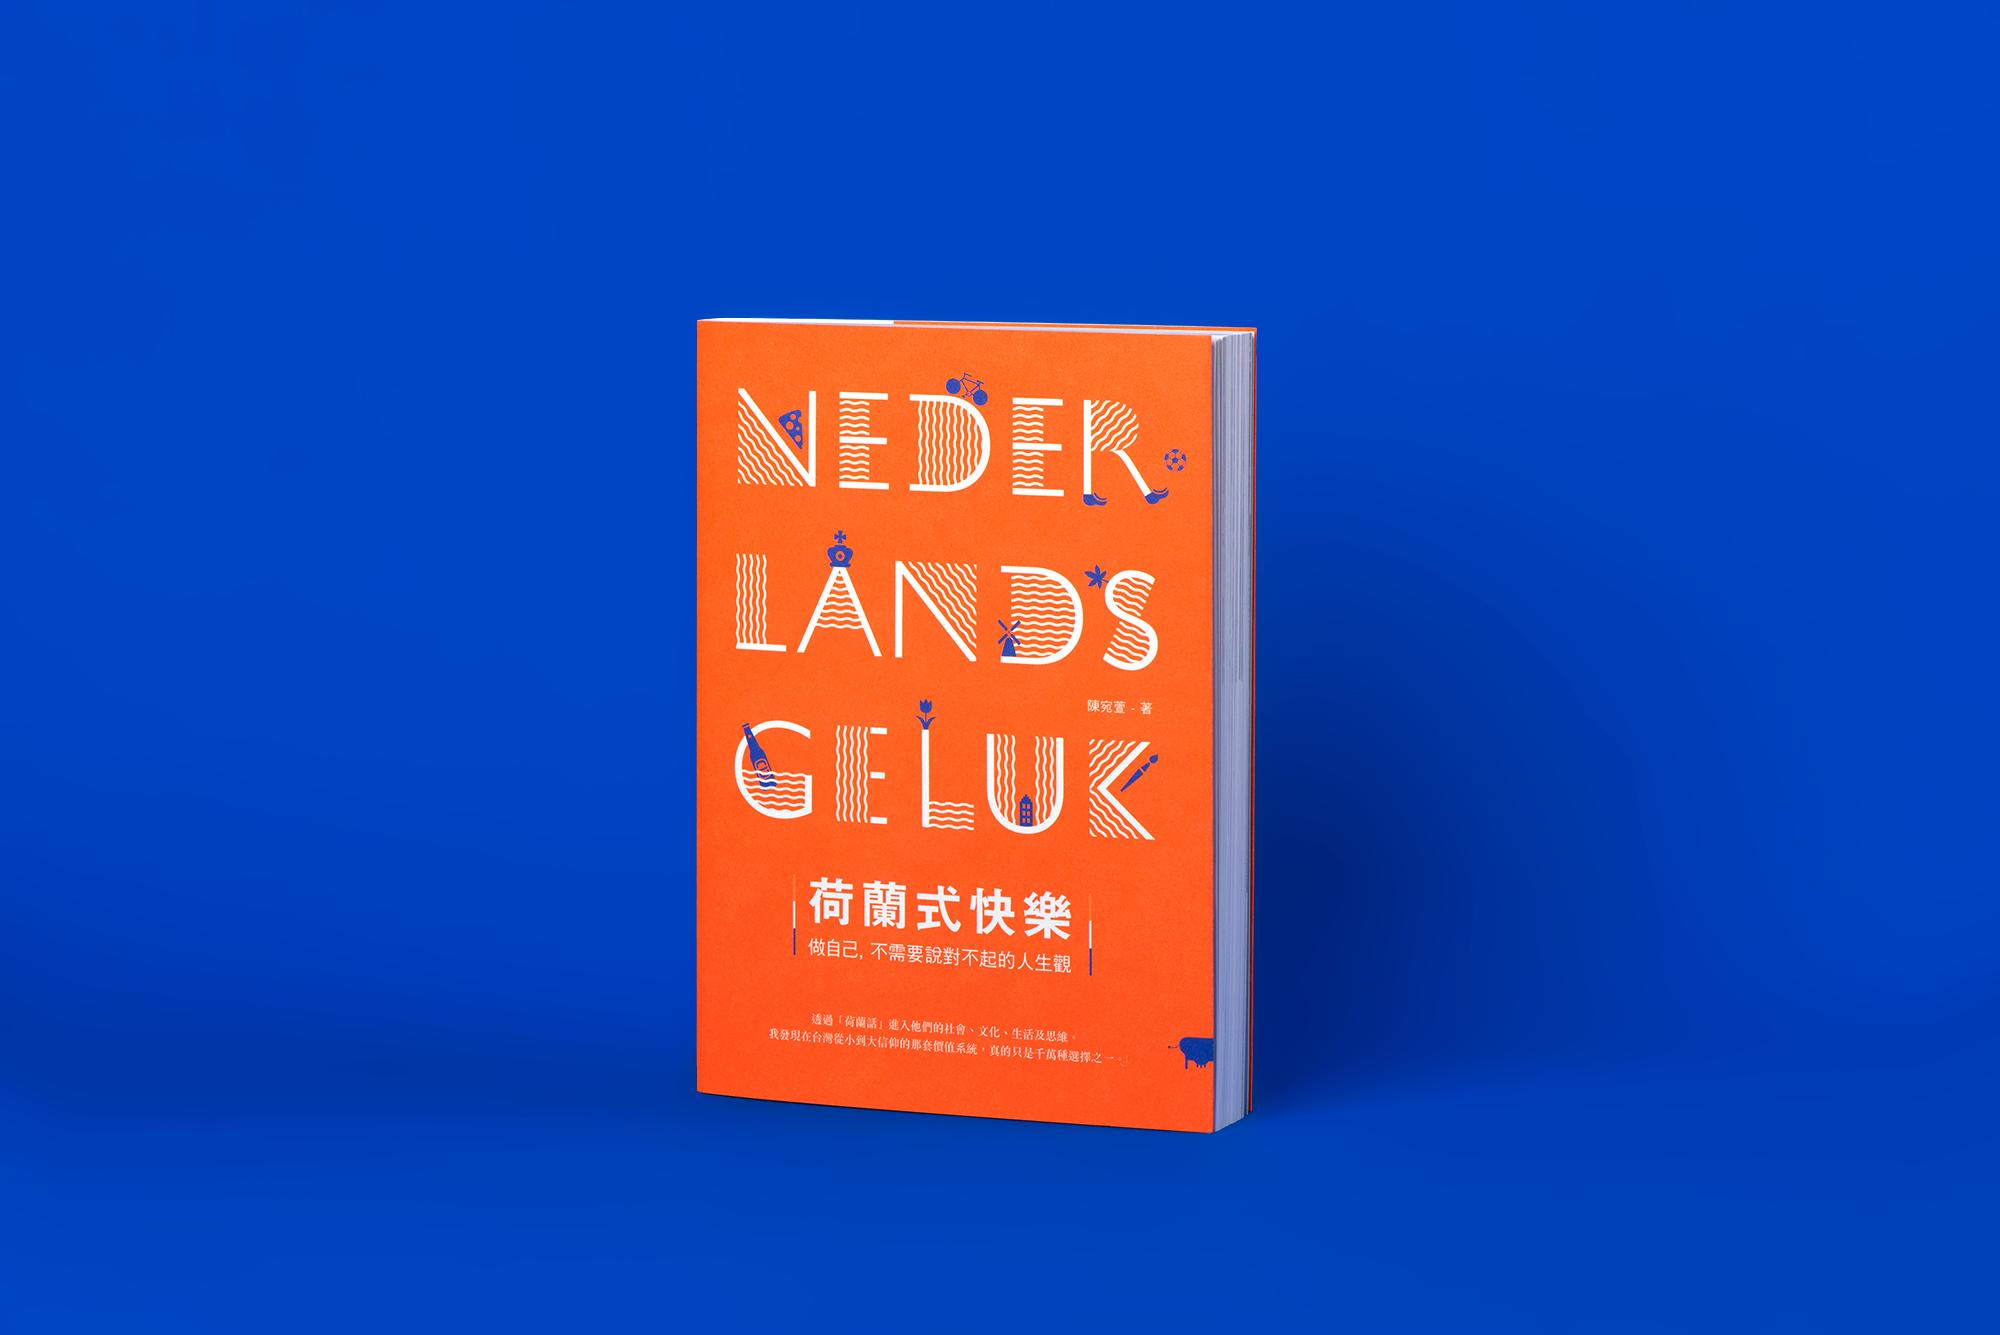 荷蘭人_0.png